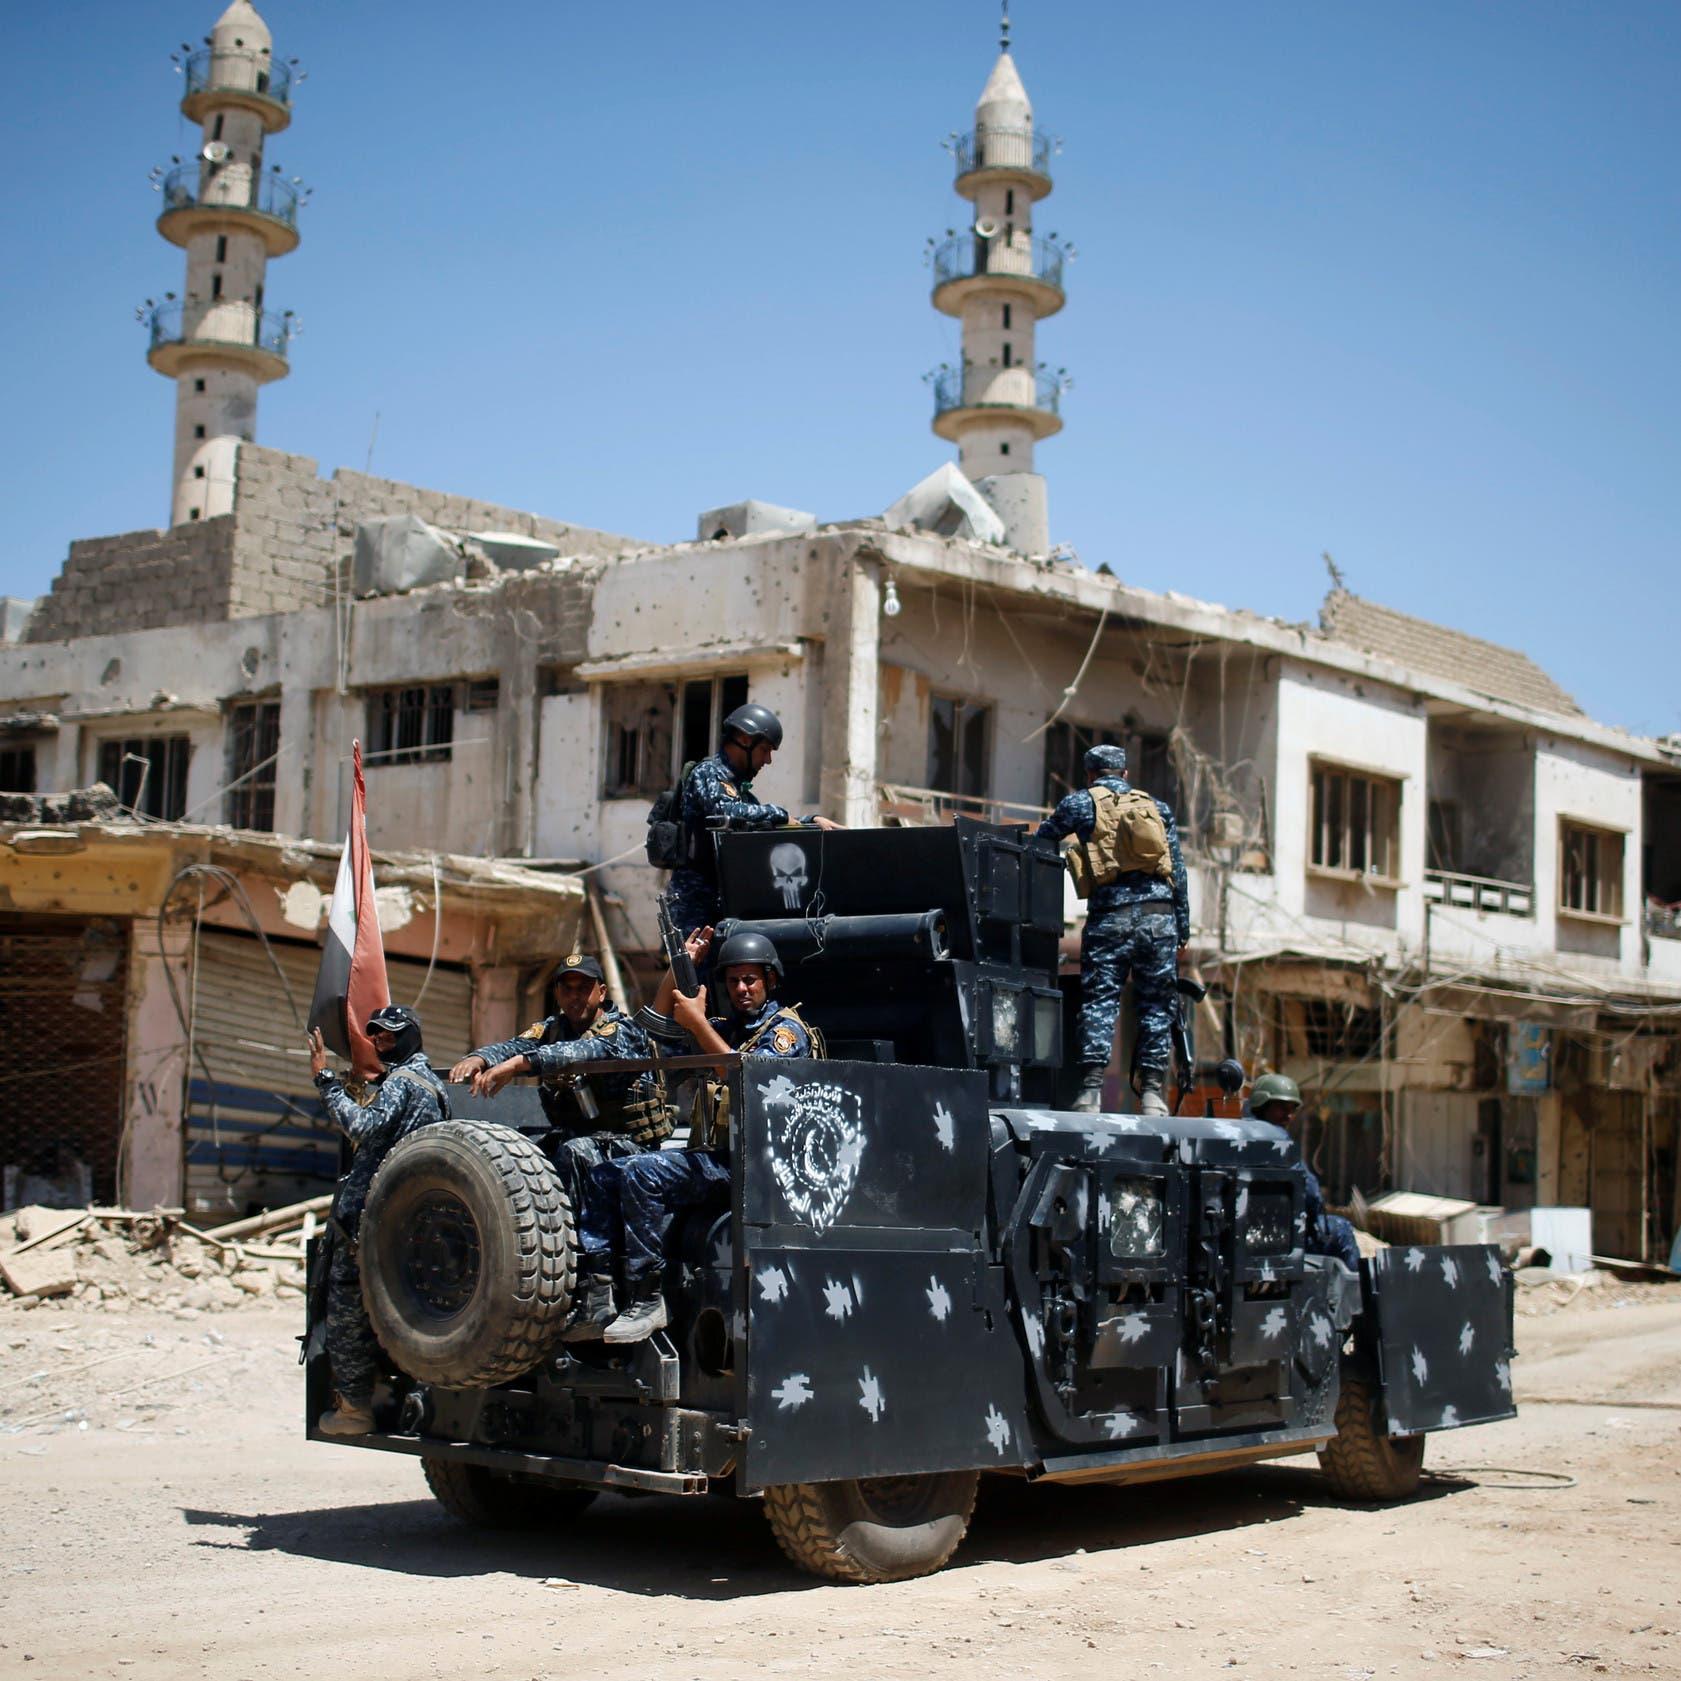 العراق.. اختفاء مستثمر فرنسي من أصل إيراني مع مرافقيه